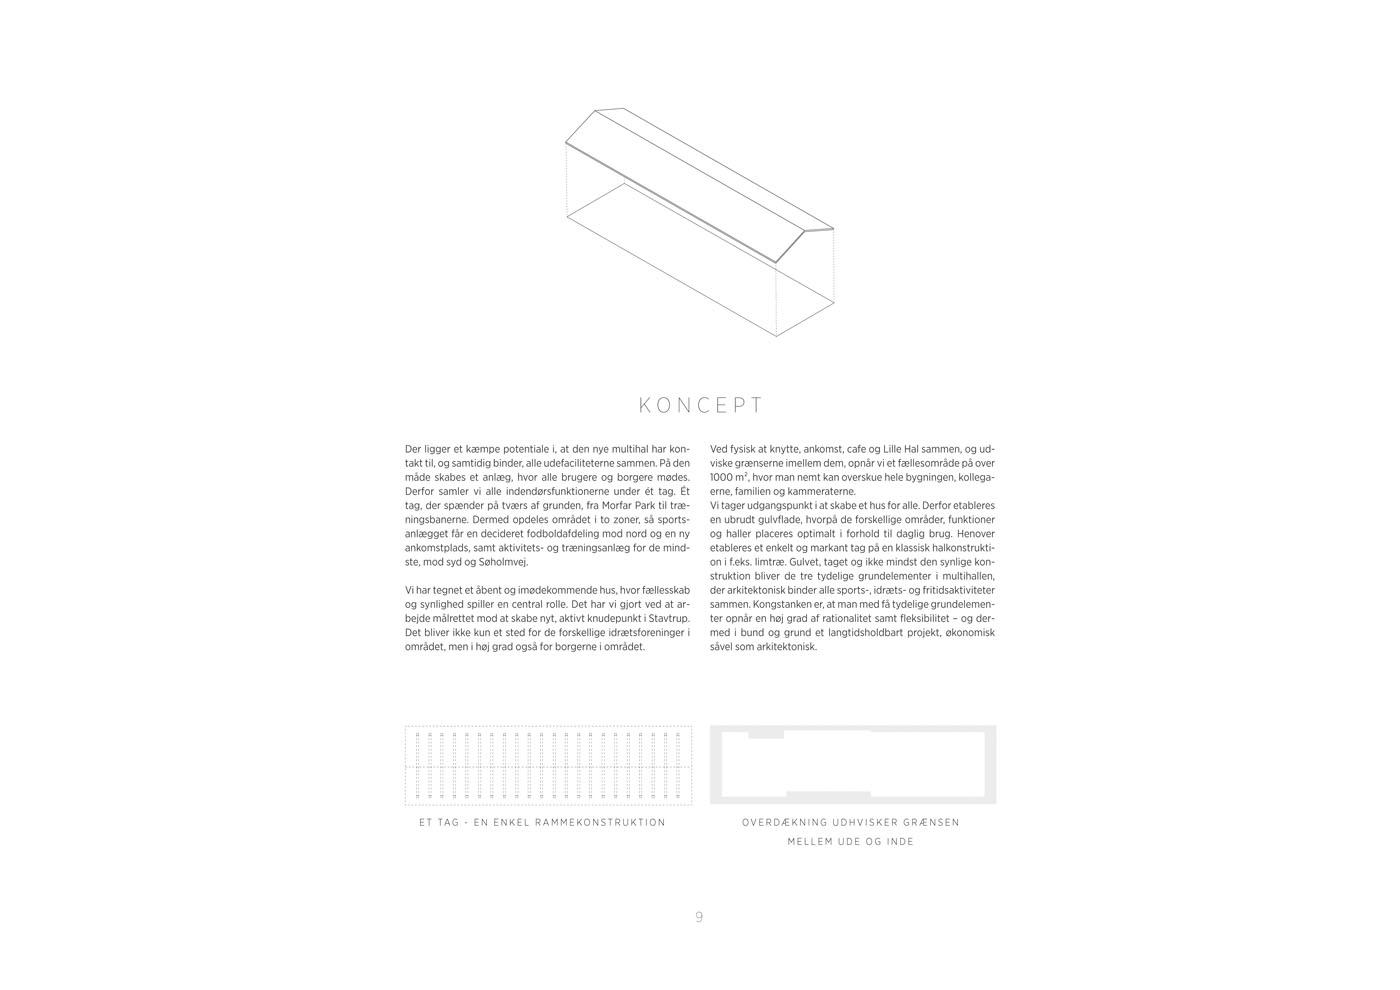 StavtrupMultihal-CFMoller_9